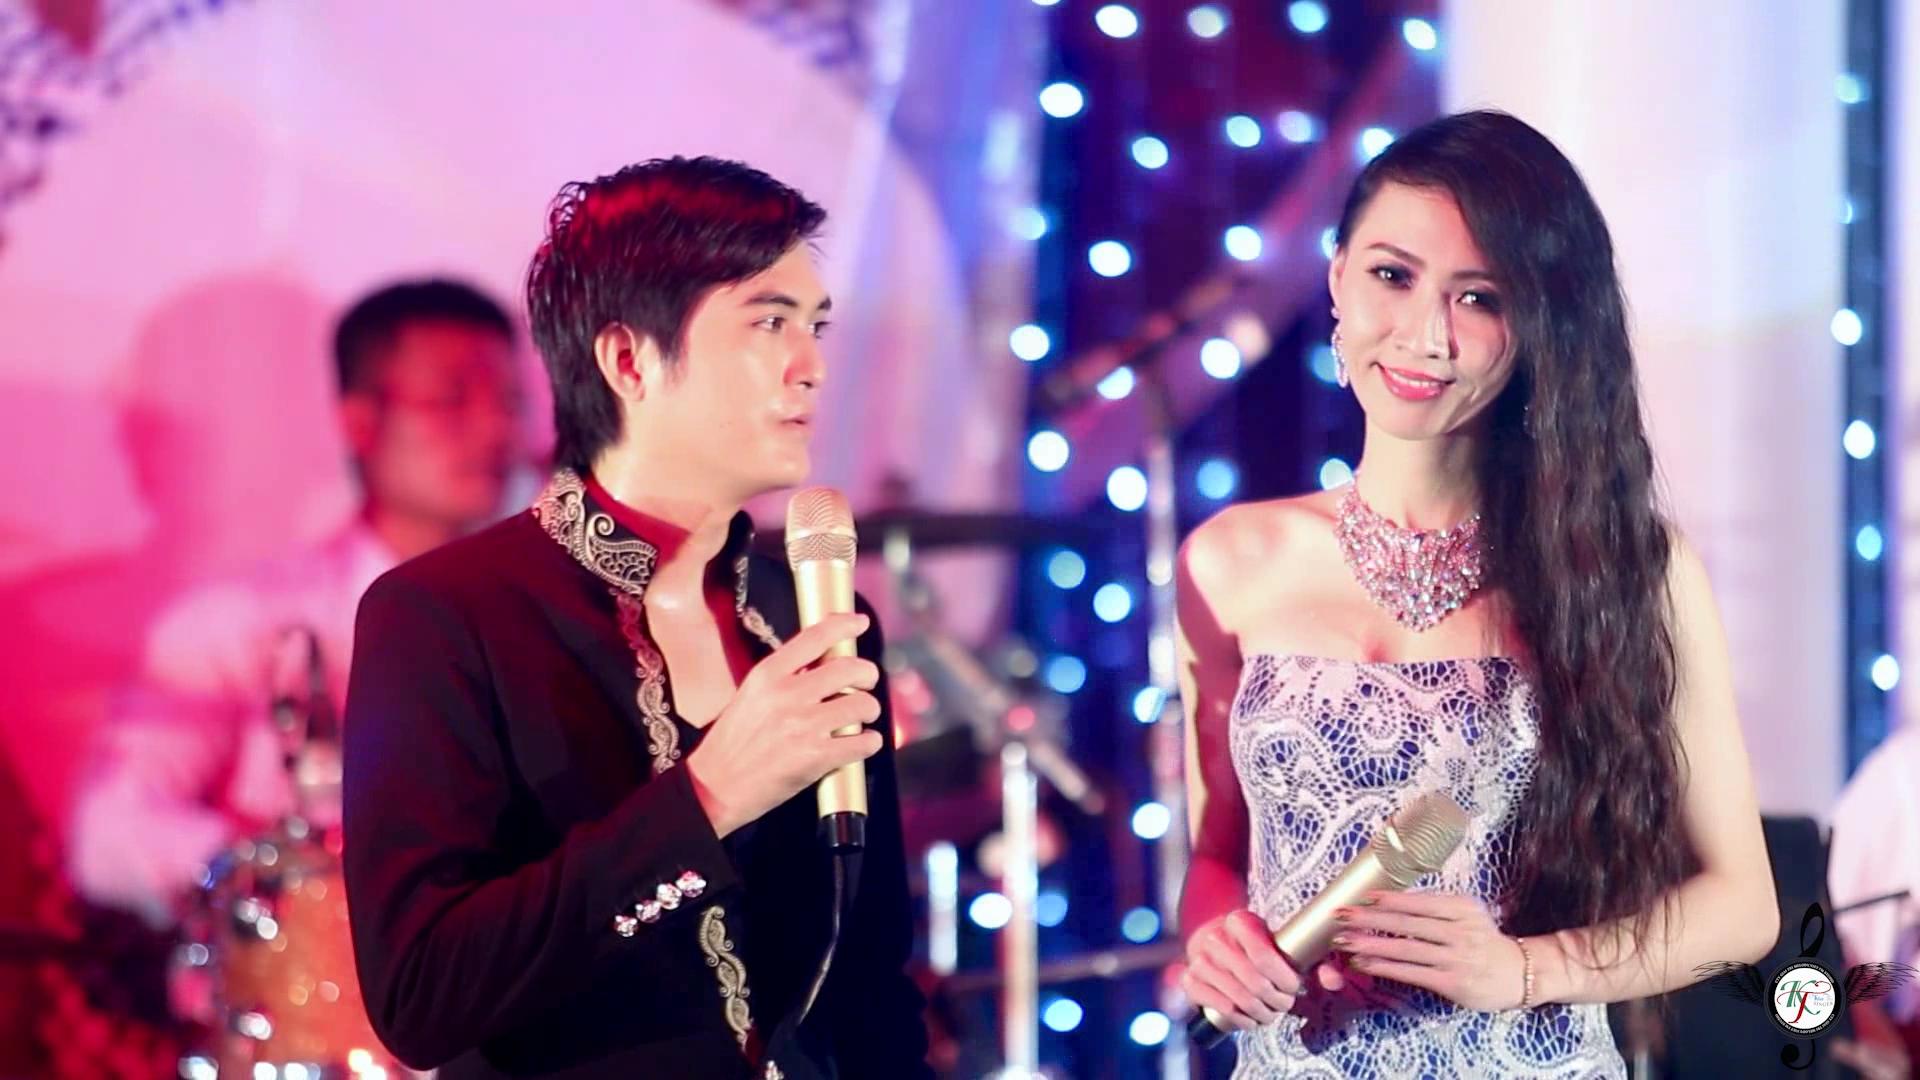 Mai Lỡ Hai Mình Xa Nhau - Kim Thư, Giang Trường